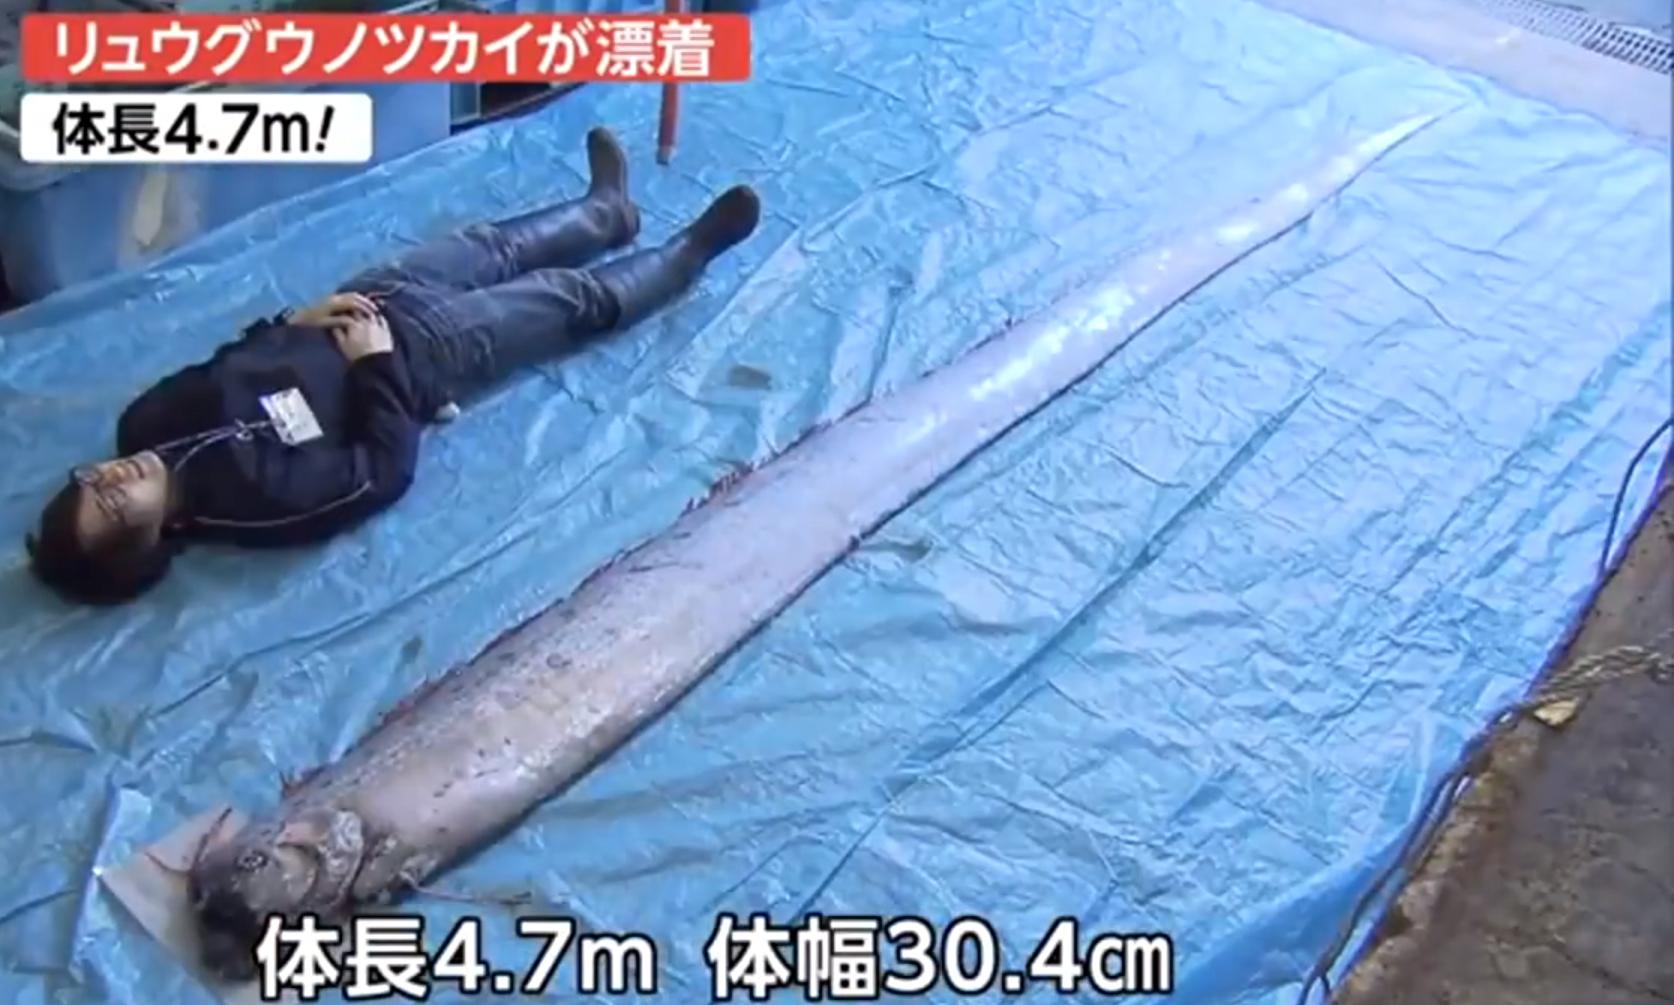 地震前兆? 日本现4.7米深海巨鱼(图)